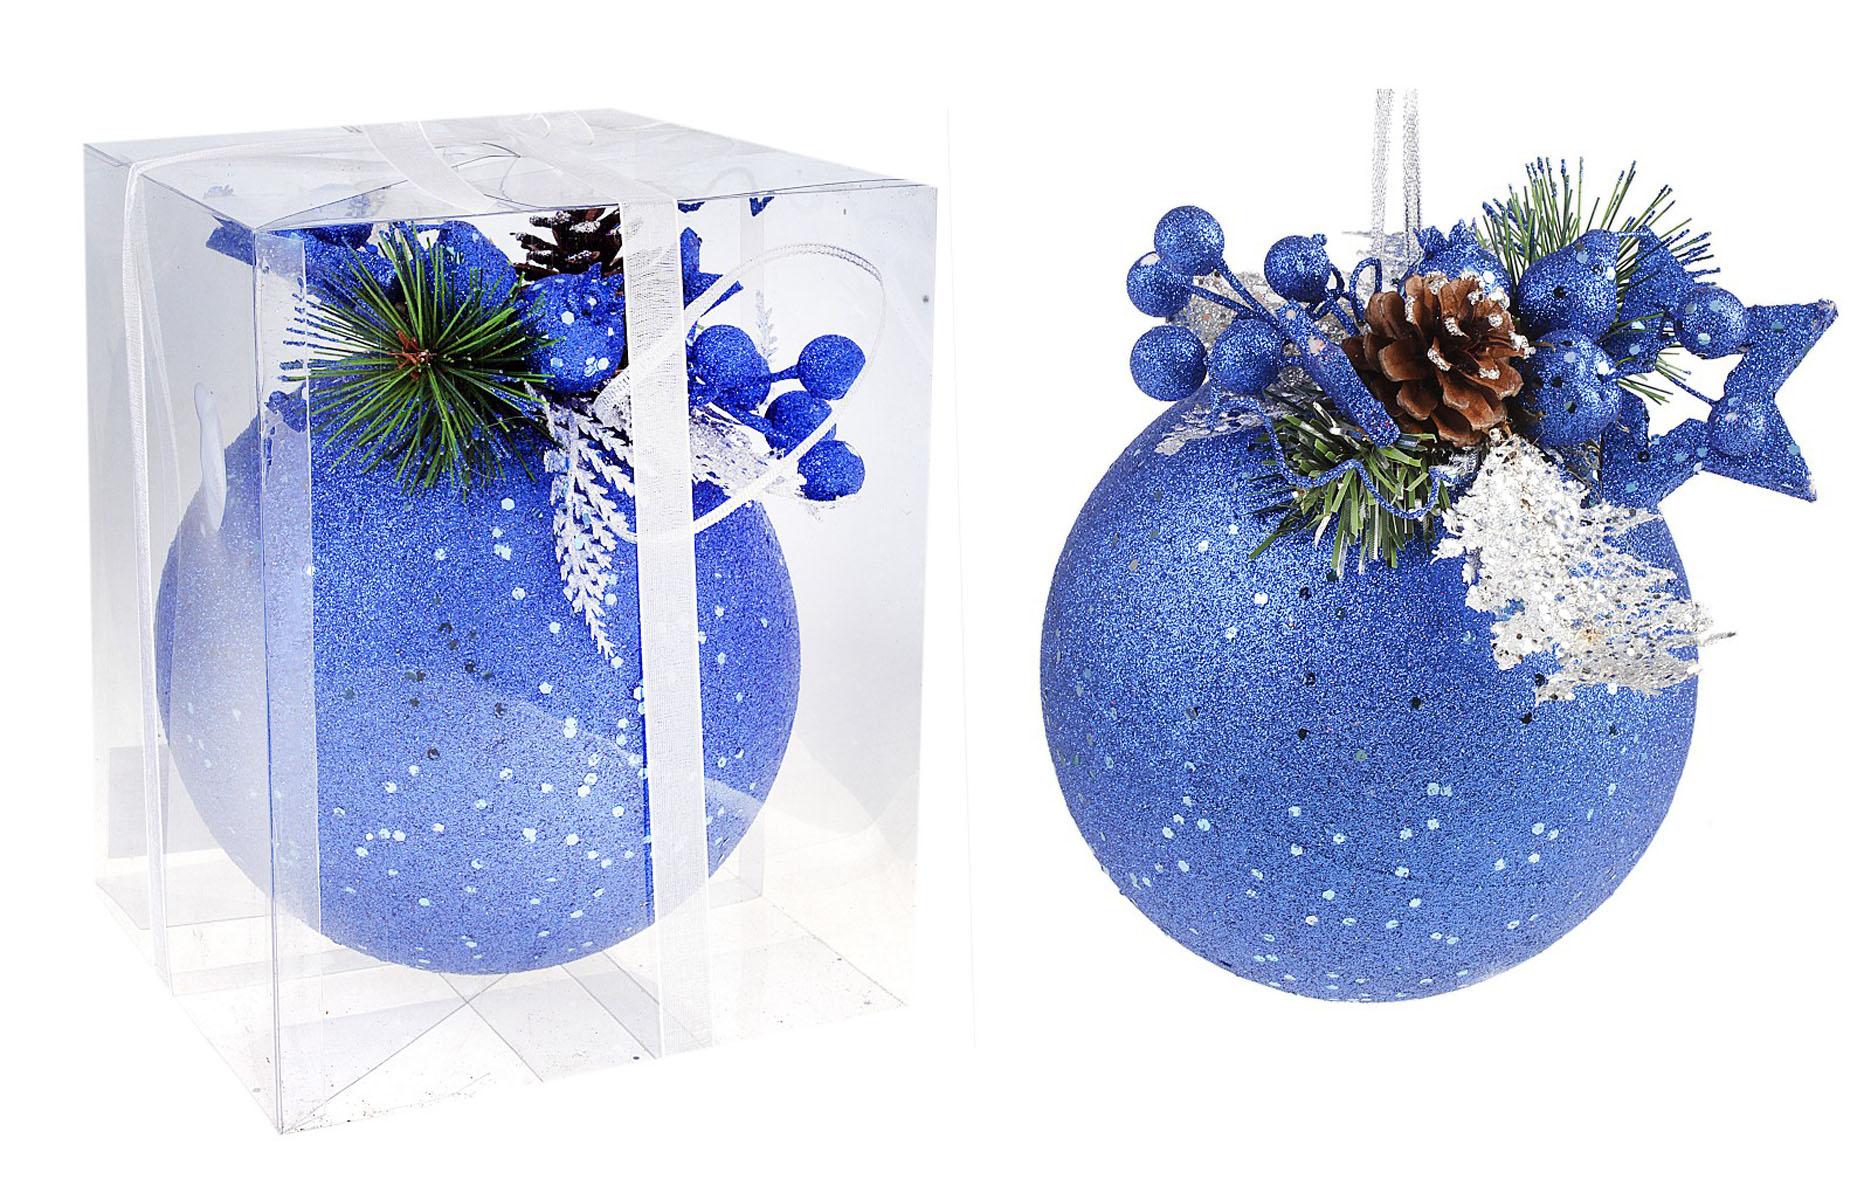 Новогоднее подвесное украшение Sima-land Шар, цвет: синий, диаметр 15 см. 54259397775318Новогоднее подвесное украшение Sima-land Шар, выполненное из пластика, прекрасно подойдет для праздничного декора новогодней ели. Шар украшен веточками ели, звездой и шишкой. Изделие покрыто блестками. Для удобного размещения на елке для шара предусмотрена текстильная петелька. Елочная игрушка - символ Нового года. Она несет в себе волшебство и красоту праздника. Создайте в своем доме атмосферу веселья и радости, украшая новогоднюю елку нарядными игрушками, которые будут из года в год накапливать теплоту воспоминаний. Коллекция декоративных украшений принесет в ваш дом ни с чем несравнимое ощущение волшебства! Откройте для себя удивительный мир сказок и грез. Почувствуйте волшебные минуты ожидания праздника, создайте новогоднее настроение вашим дорогим и близким. Диаметр шара: 15 см. Материал: пластик, текстиль.